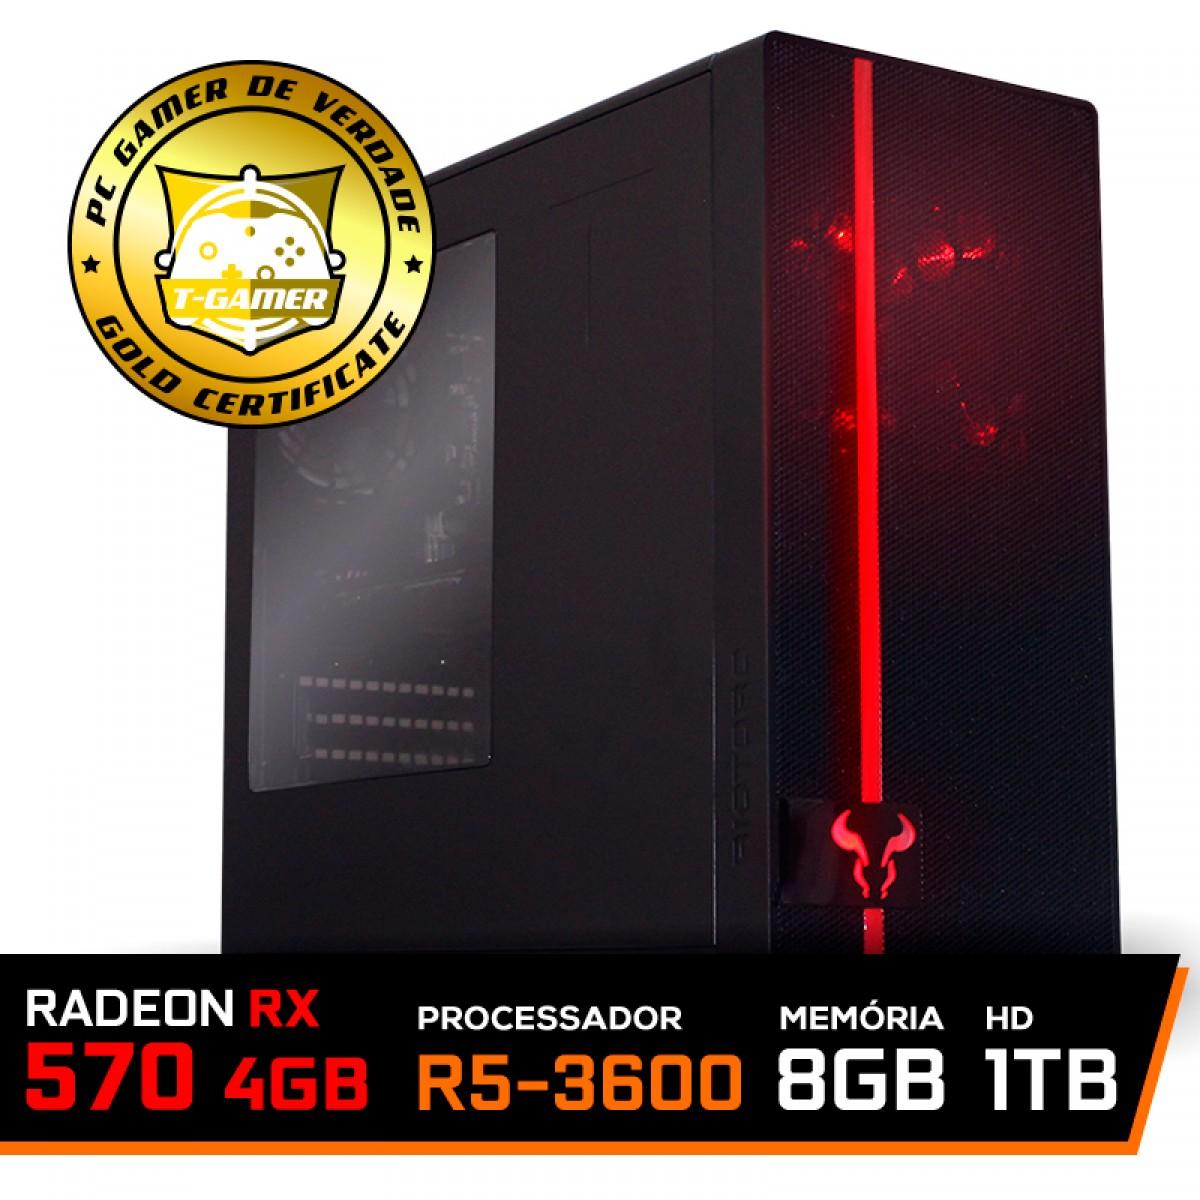 Pc Gamer Super T-Commander Lvl-1 AMD Ryzen 5 3600 / Radeon RX 570 4GB / DDR4 8GB / HD 1TB / 500W